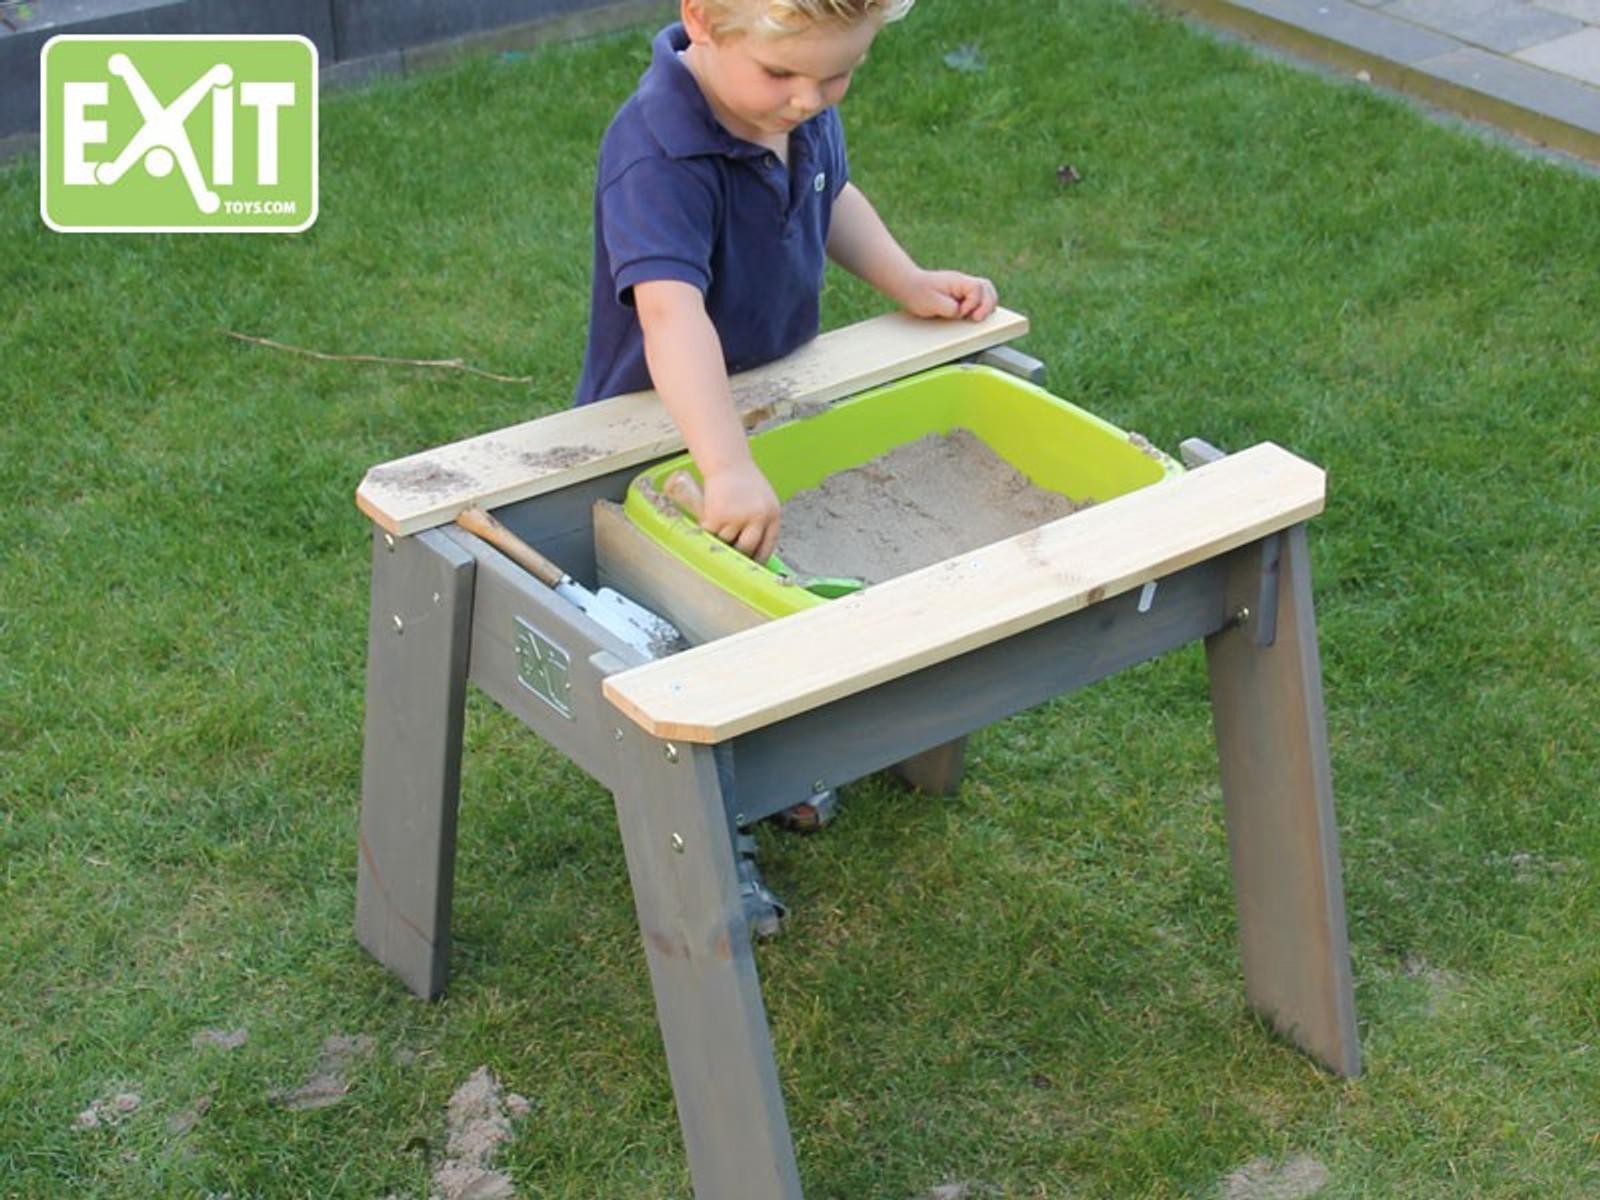 exit aksent sand und wassertisch m kinderspieltisch mit 1 kunststoffbecken material. Black Bedroom Furniture Sets. Home Design Ideas